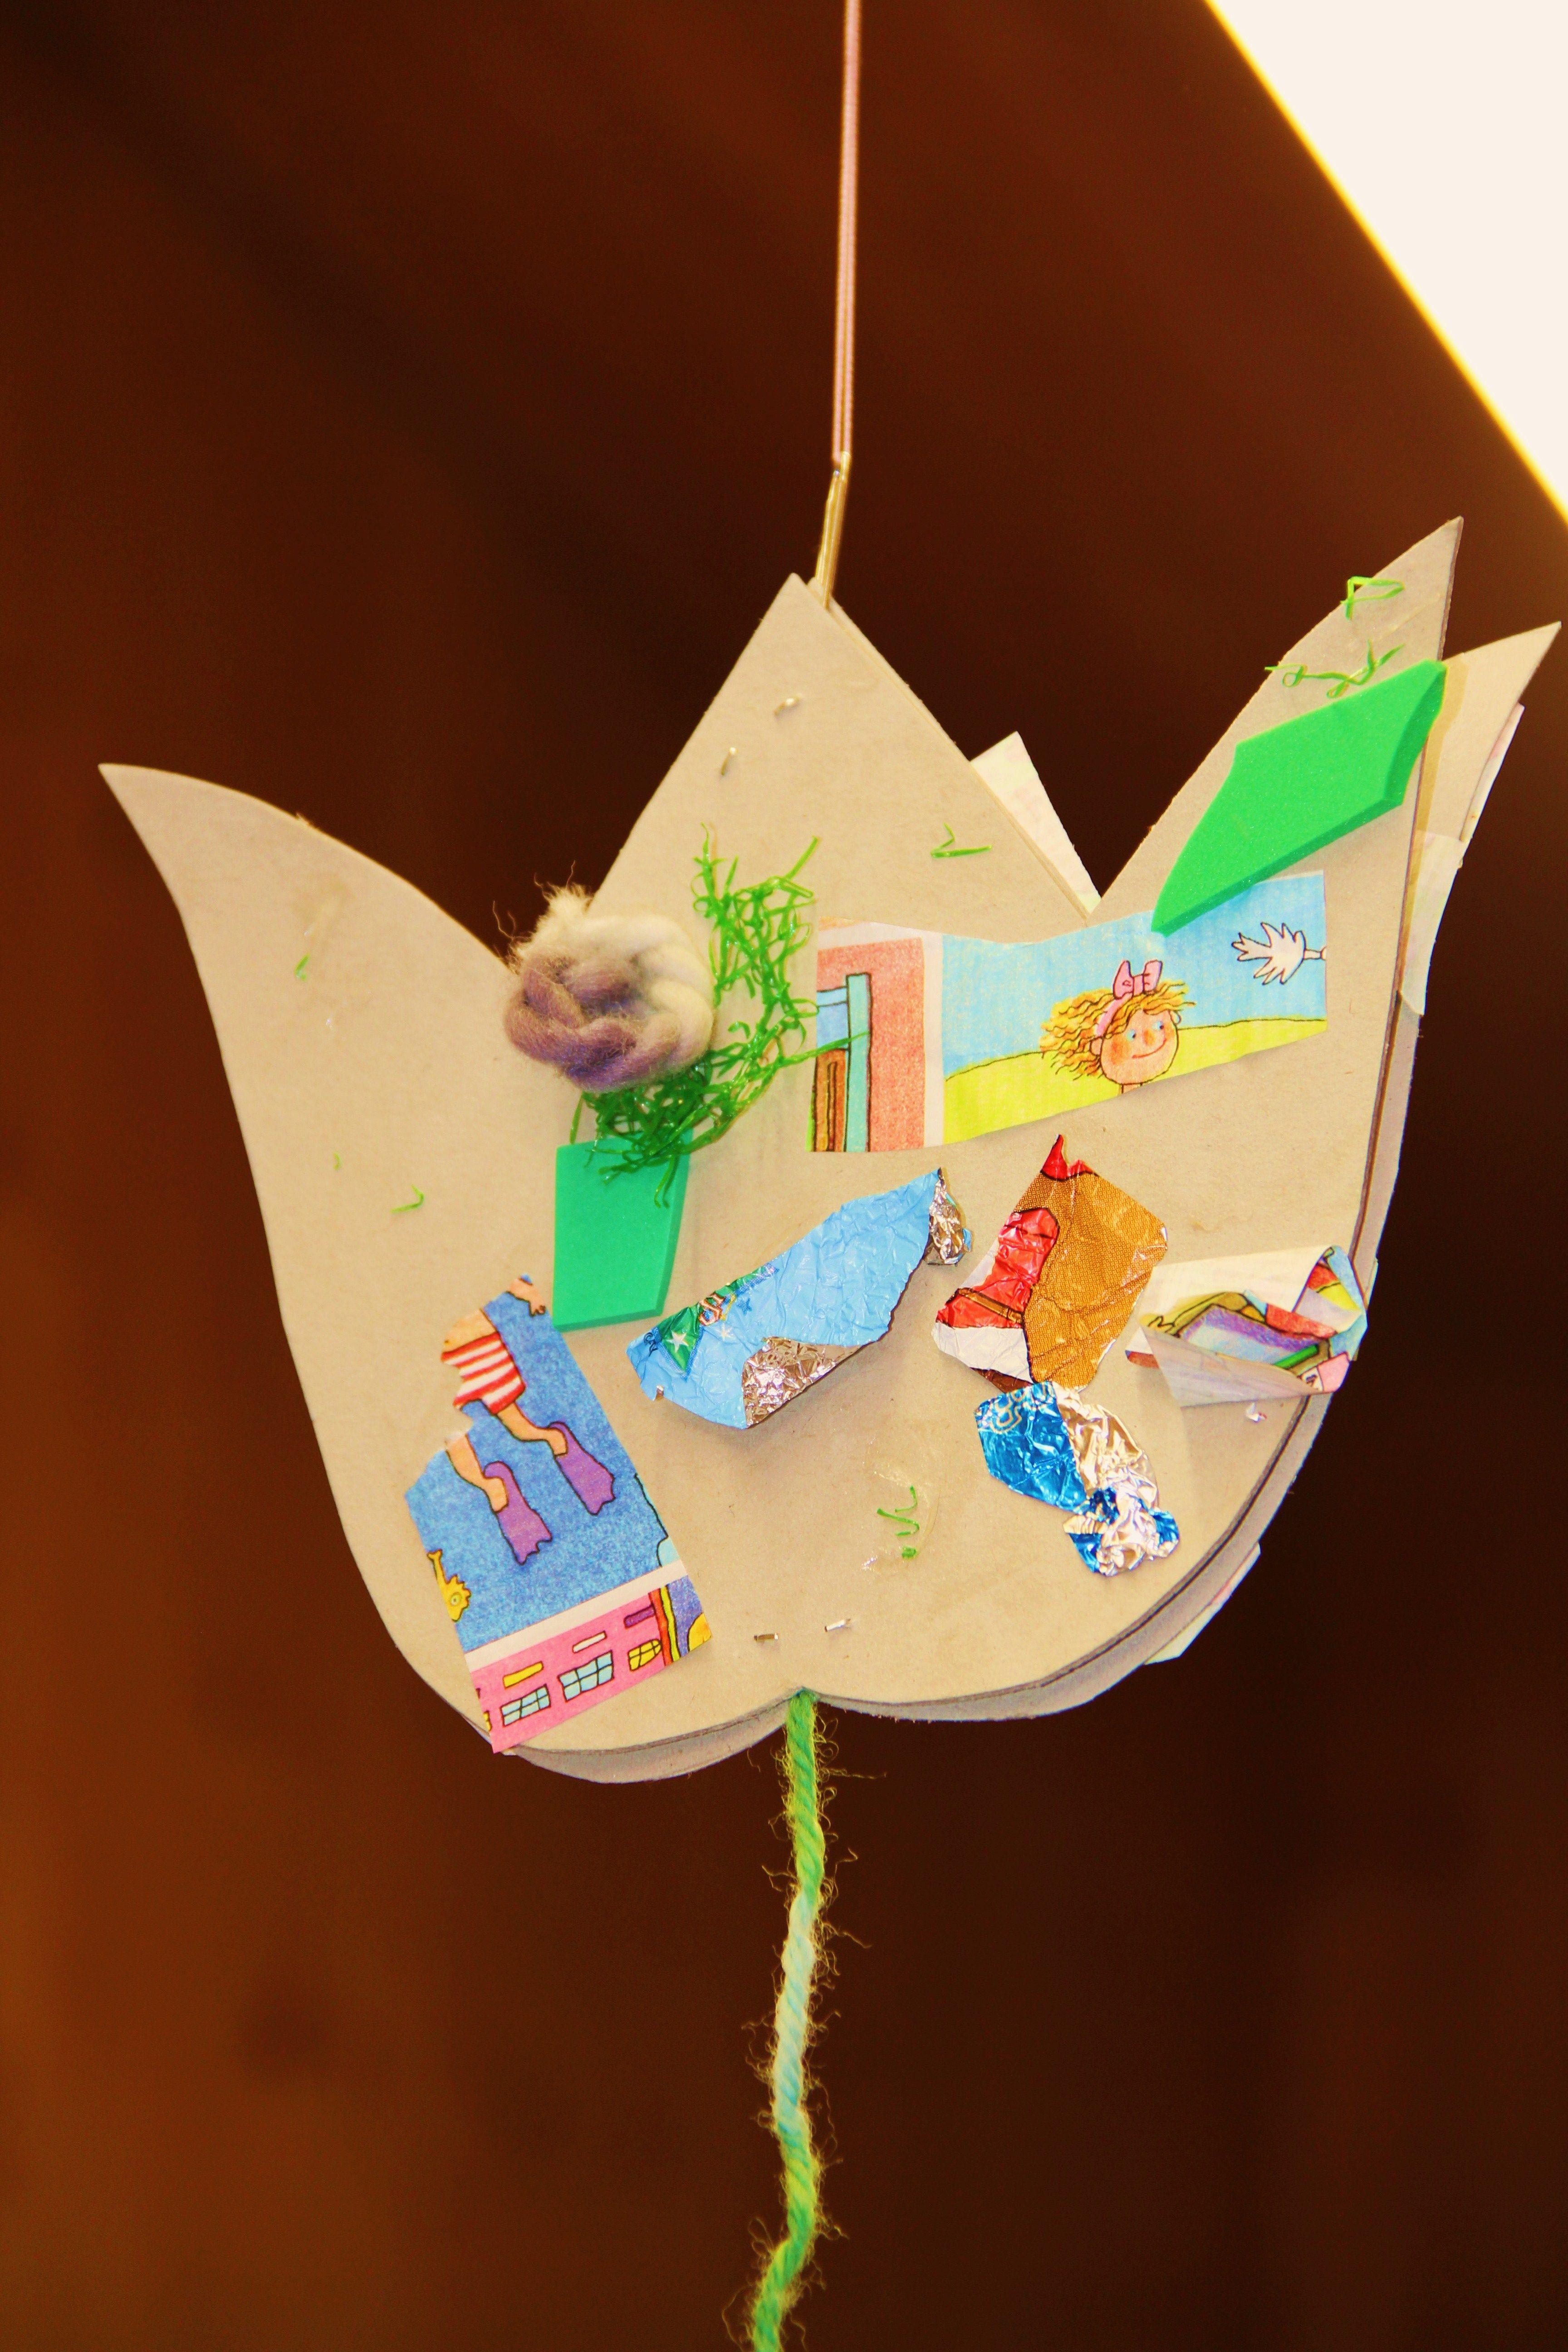 Blume mit Krims-Krams beklebt